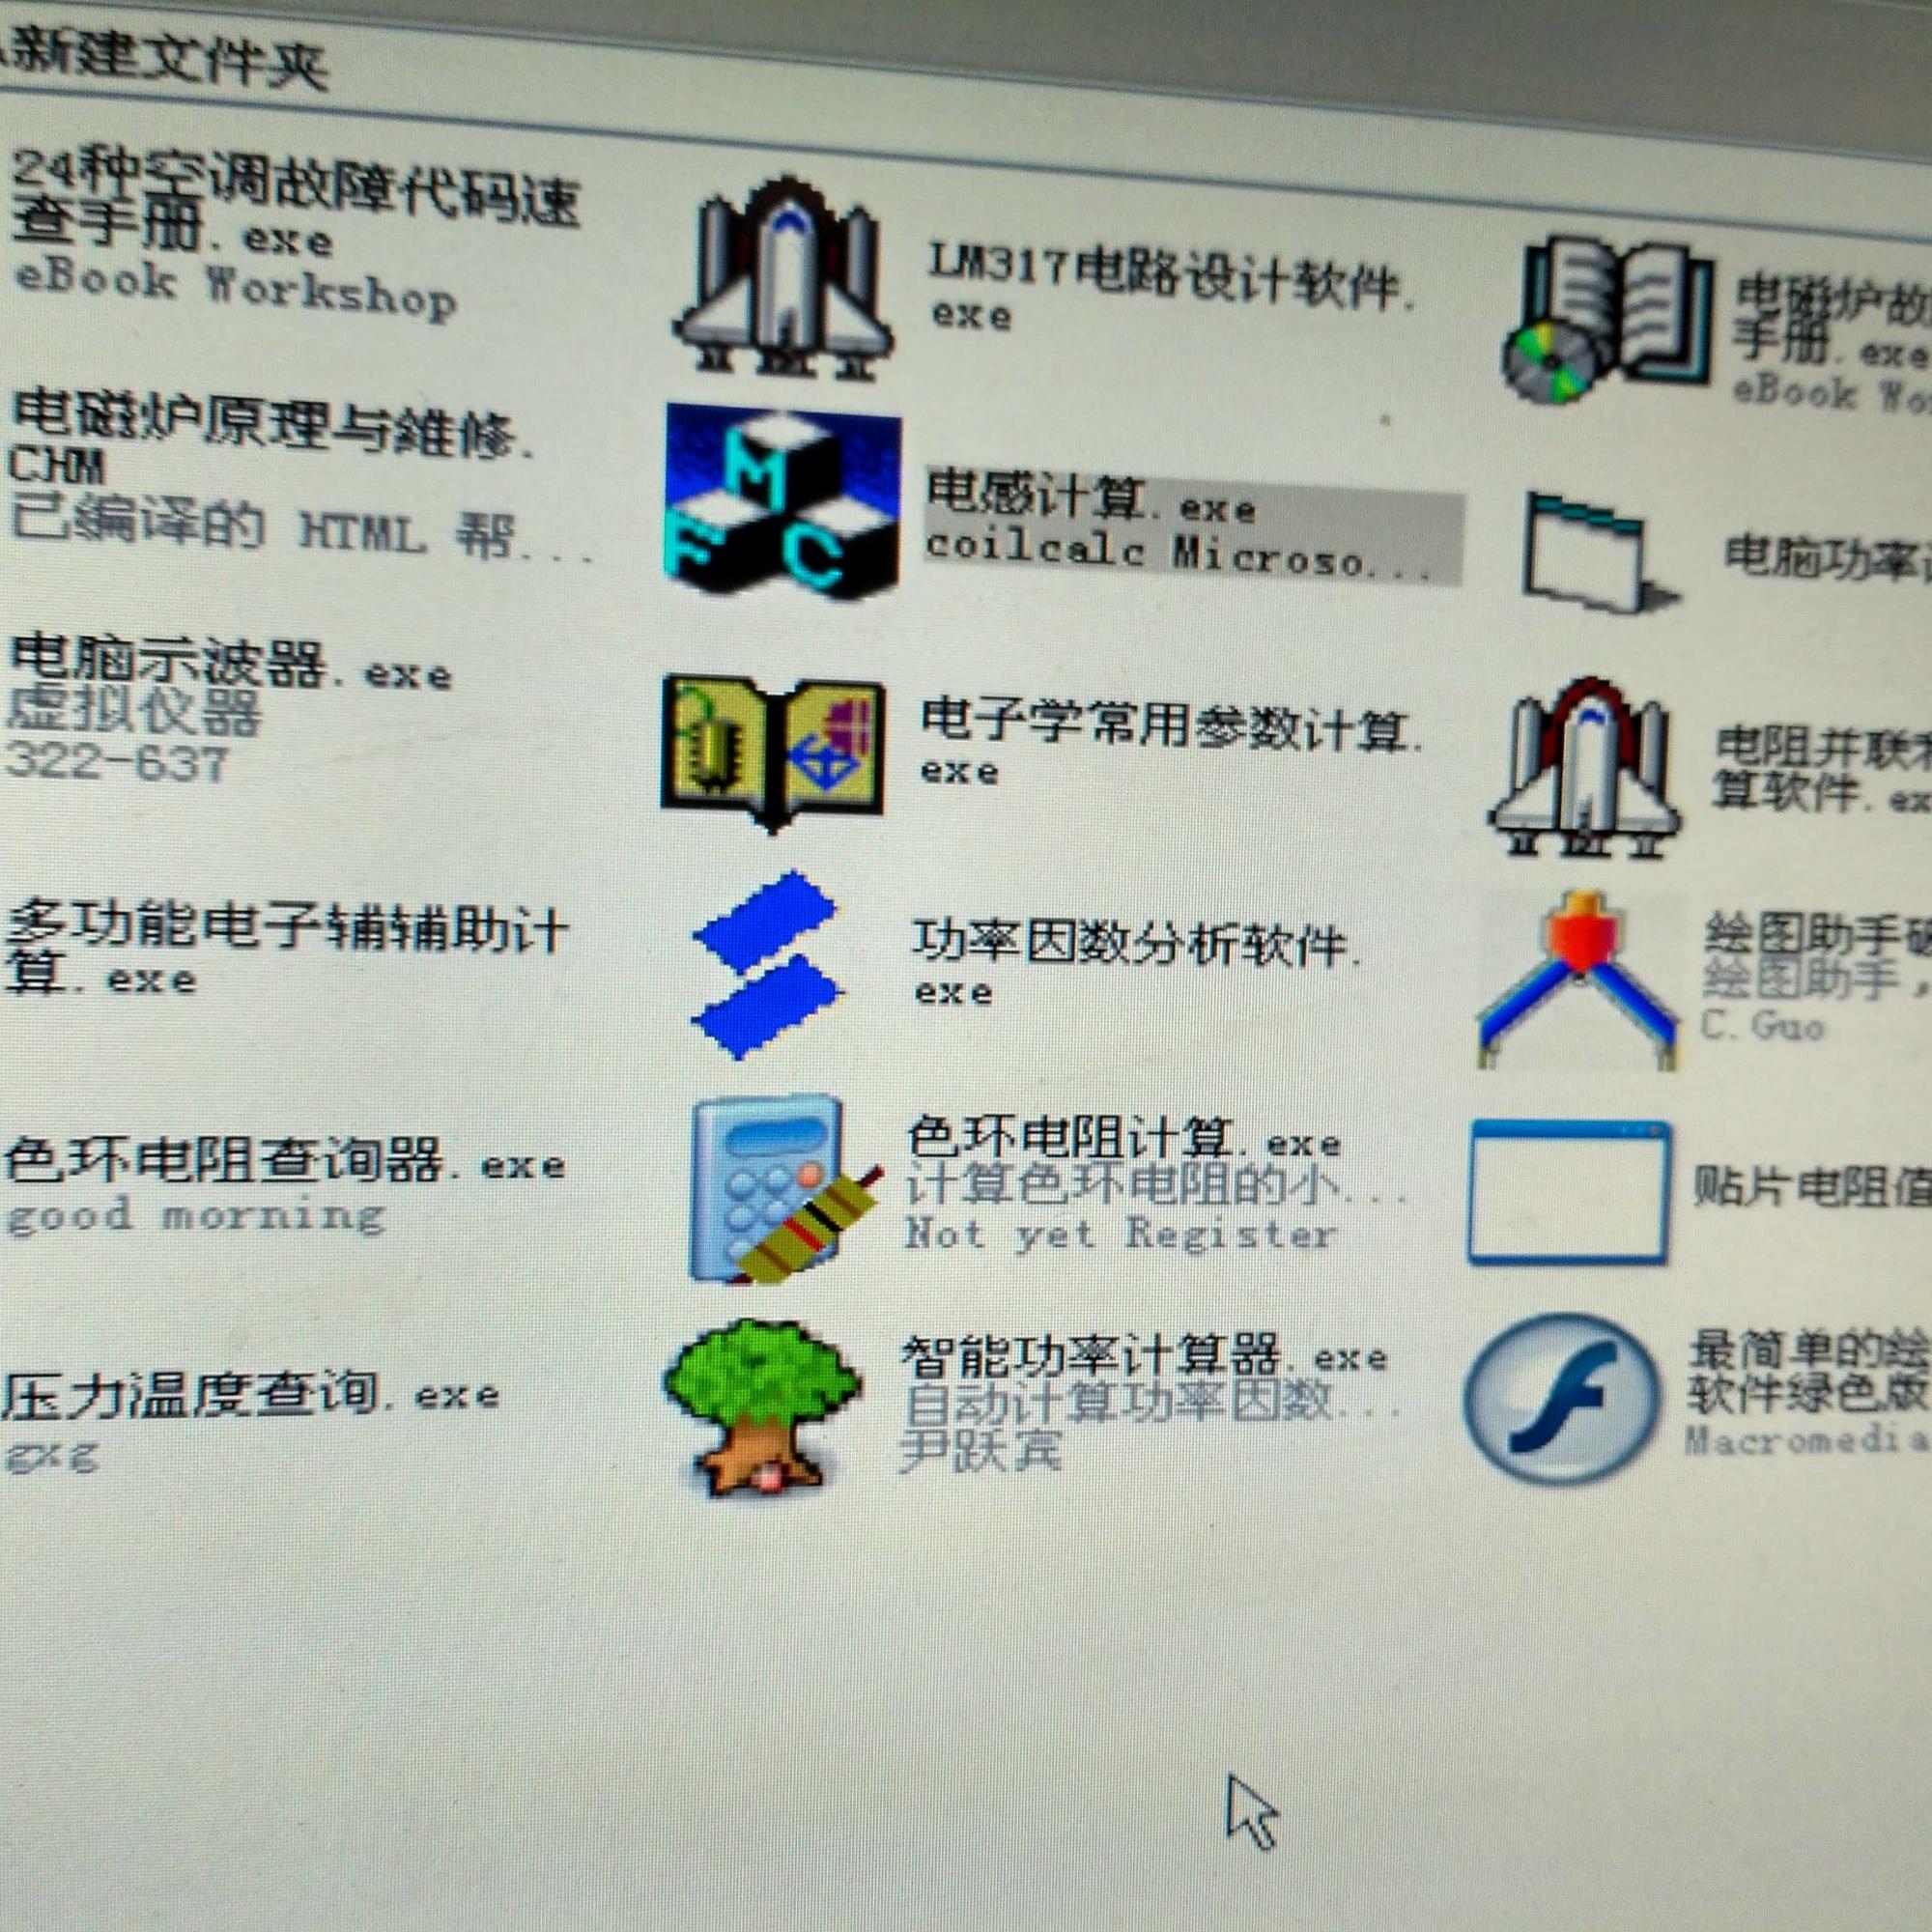 给大家分享一些常用小软件 - 电路设计论坛 - 中国